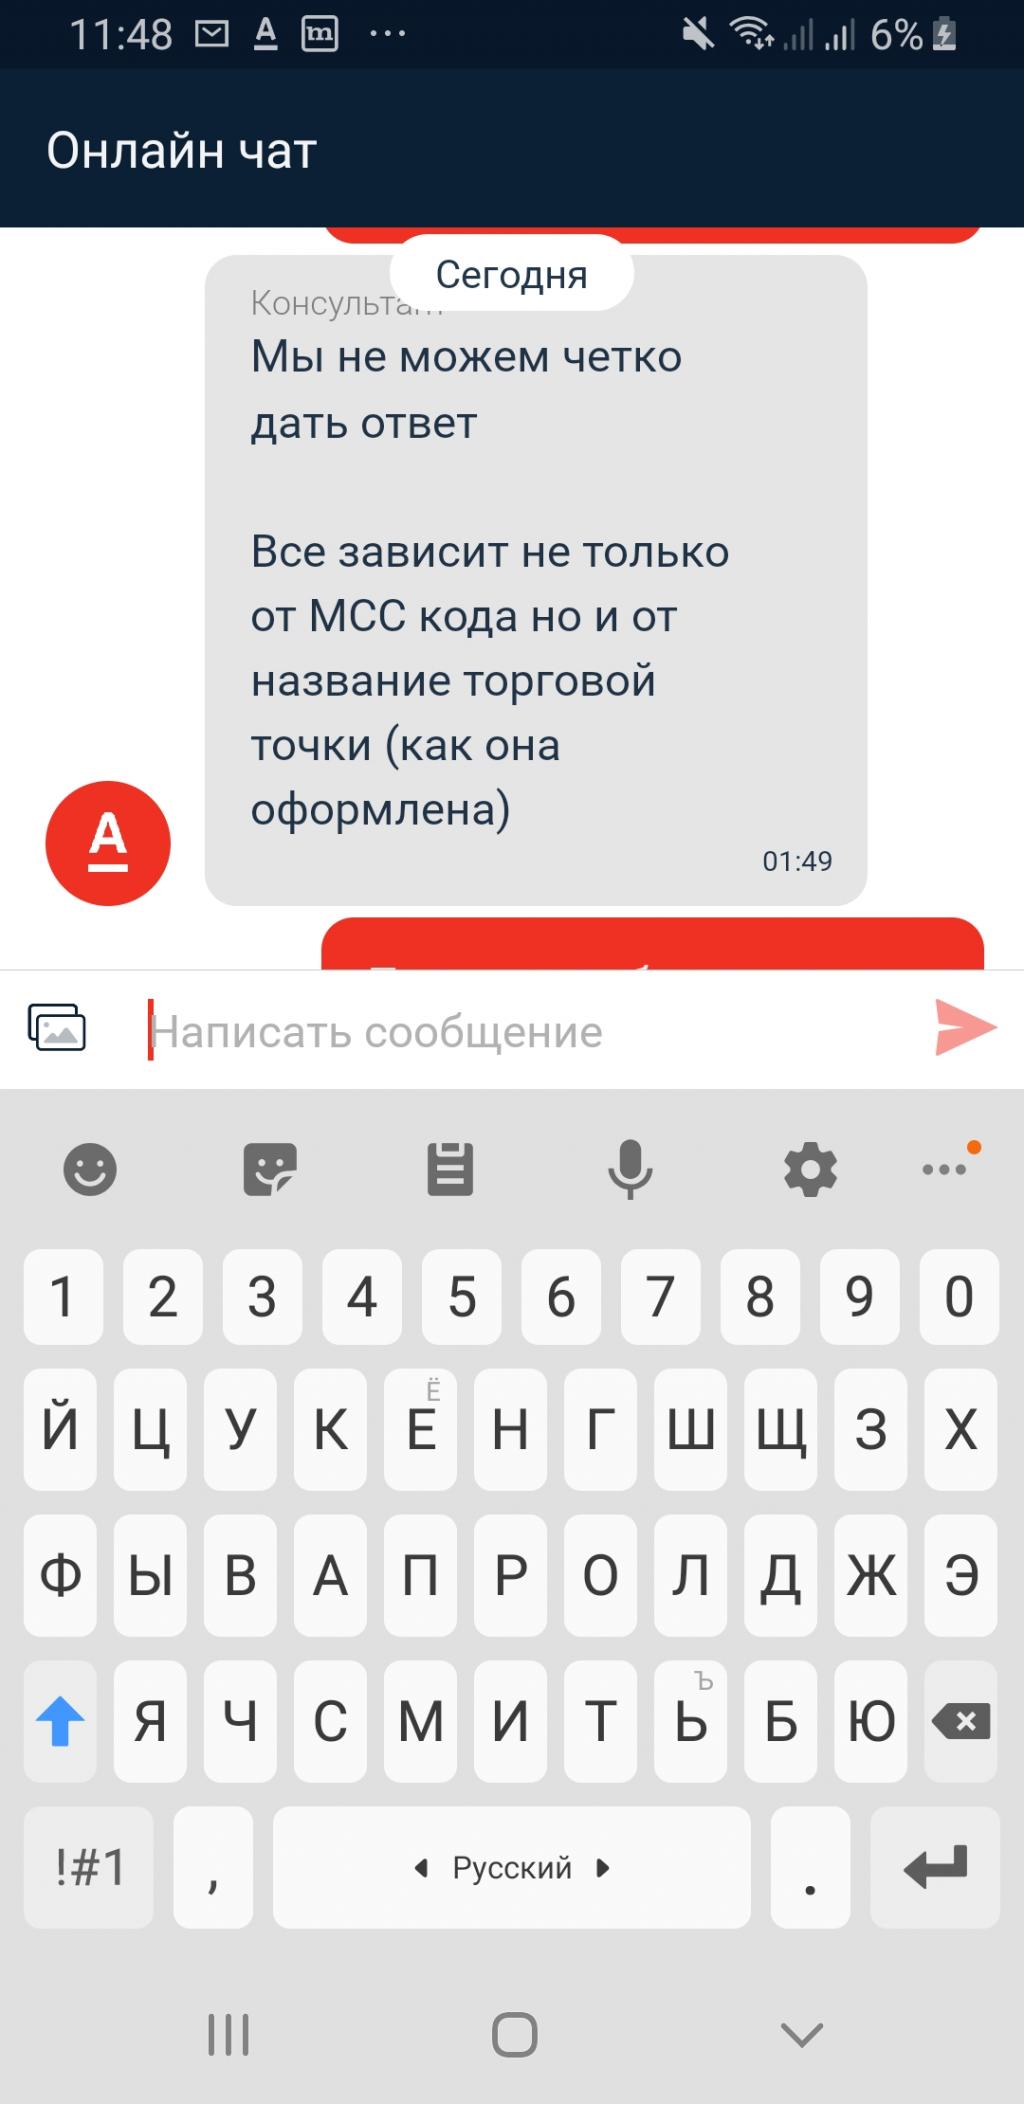 Альфа-Банк - Консультанты чата Альфа-банк